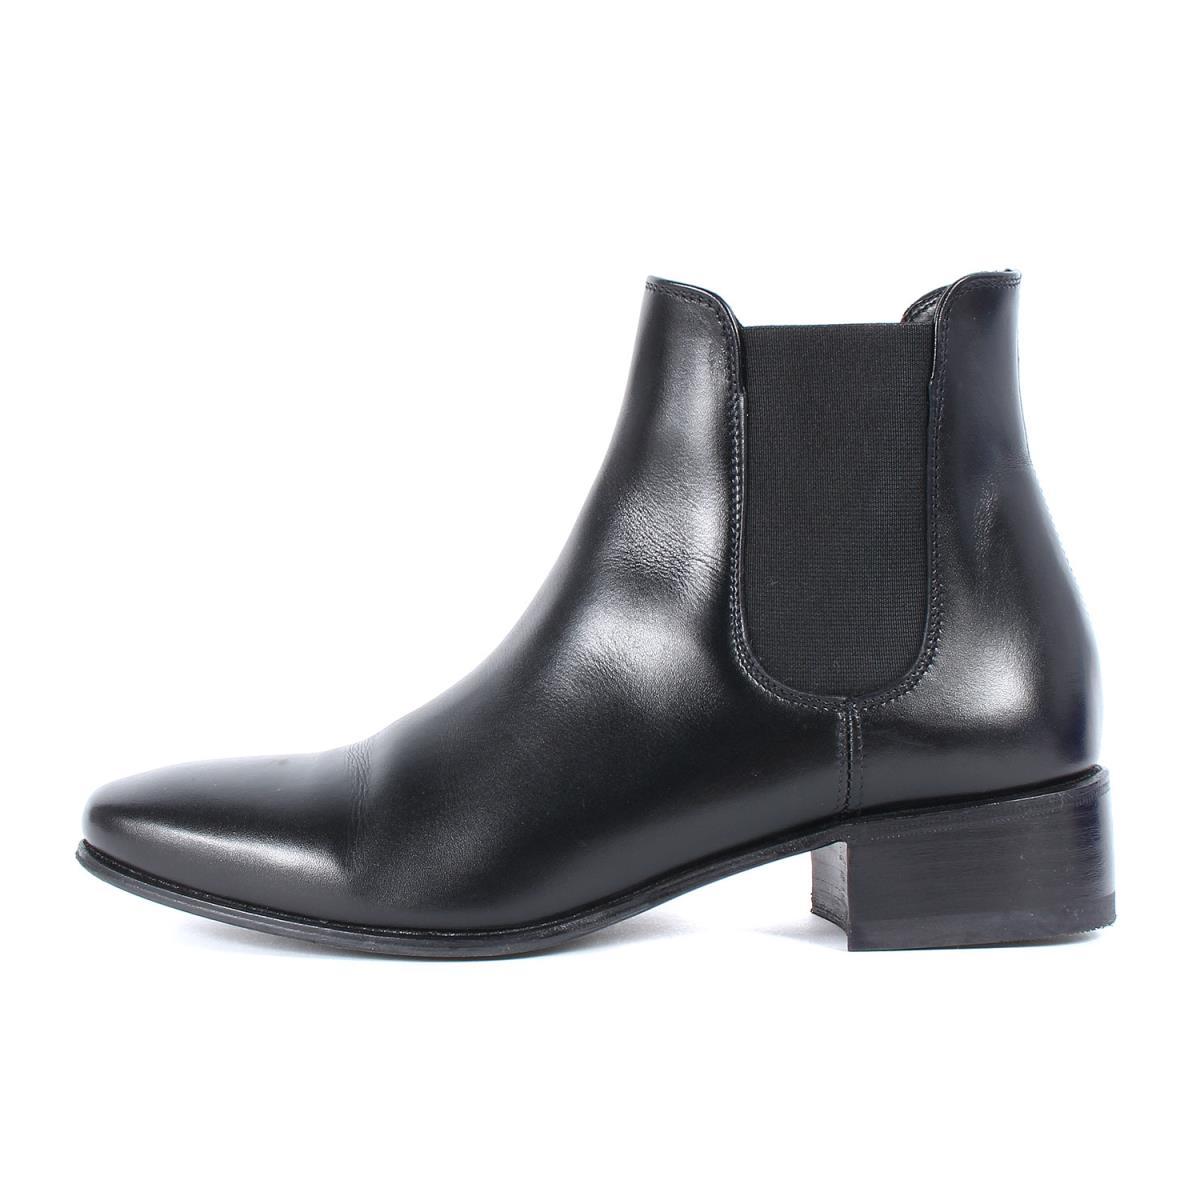 PETE SORENSEN ピートソレンセン カーフ サイドゴア ブーツ CALF SIDE GOA BOOTS ブラック 37(24cm) 【レディース】【中古】【美品】【K2571】